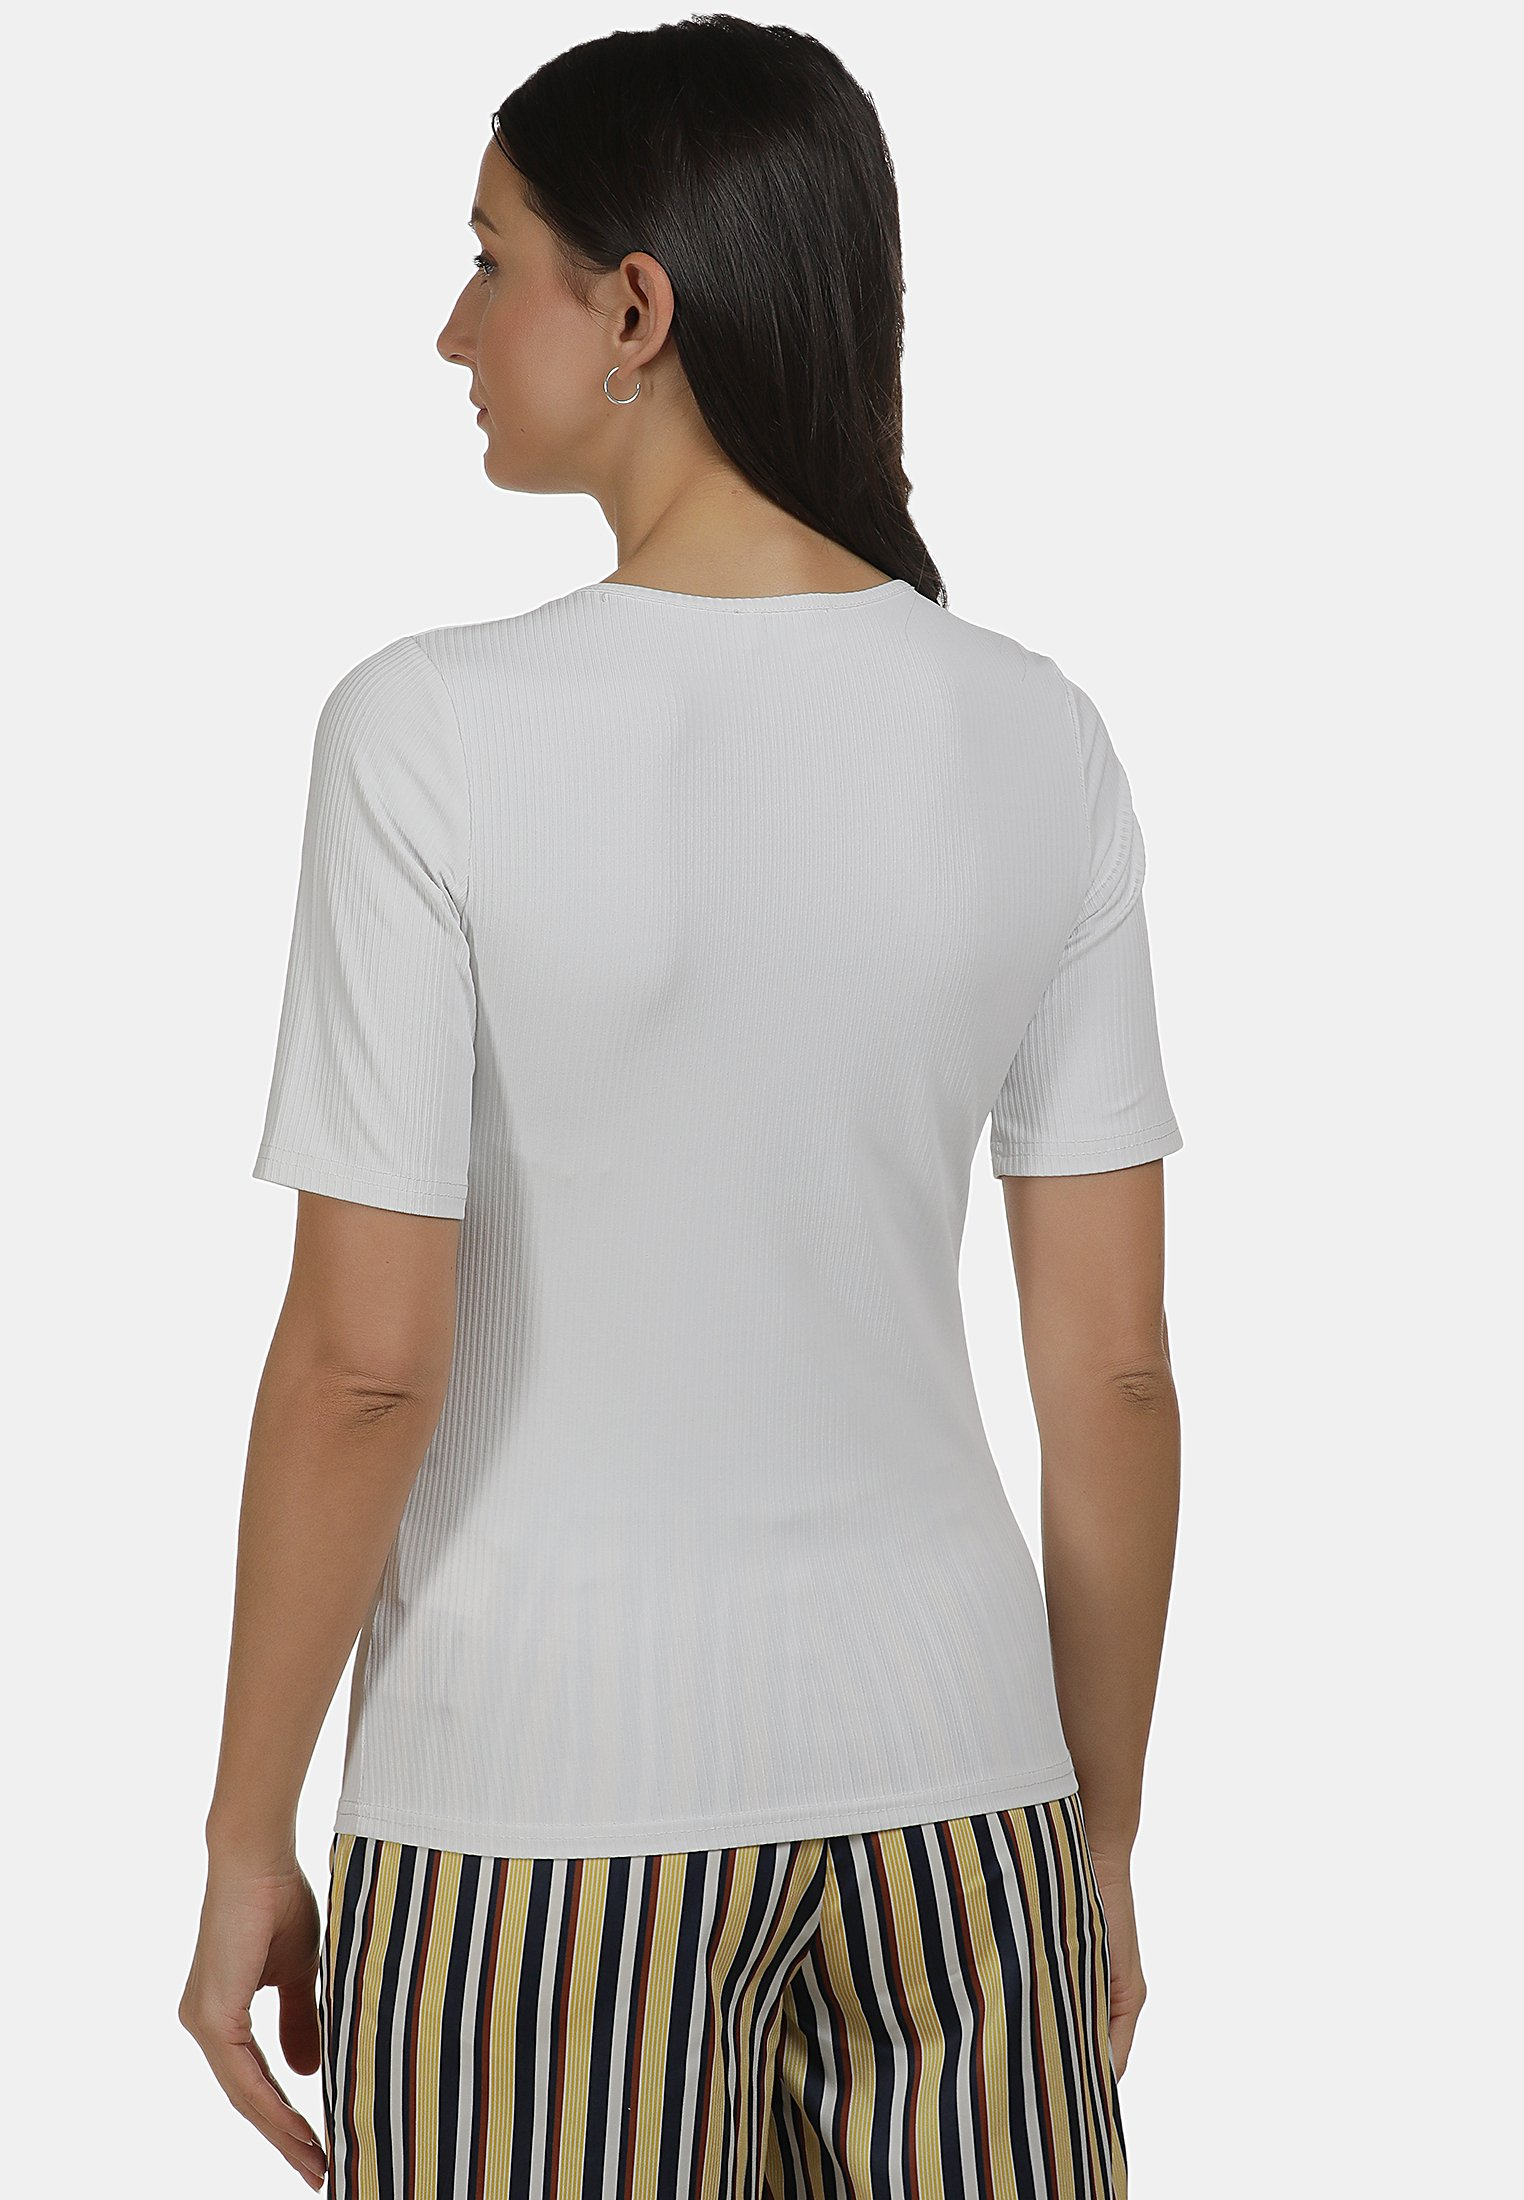 usha SHIRT - T-shirt basique - weiss - Tops & T-shirts Femme YktsJ